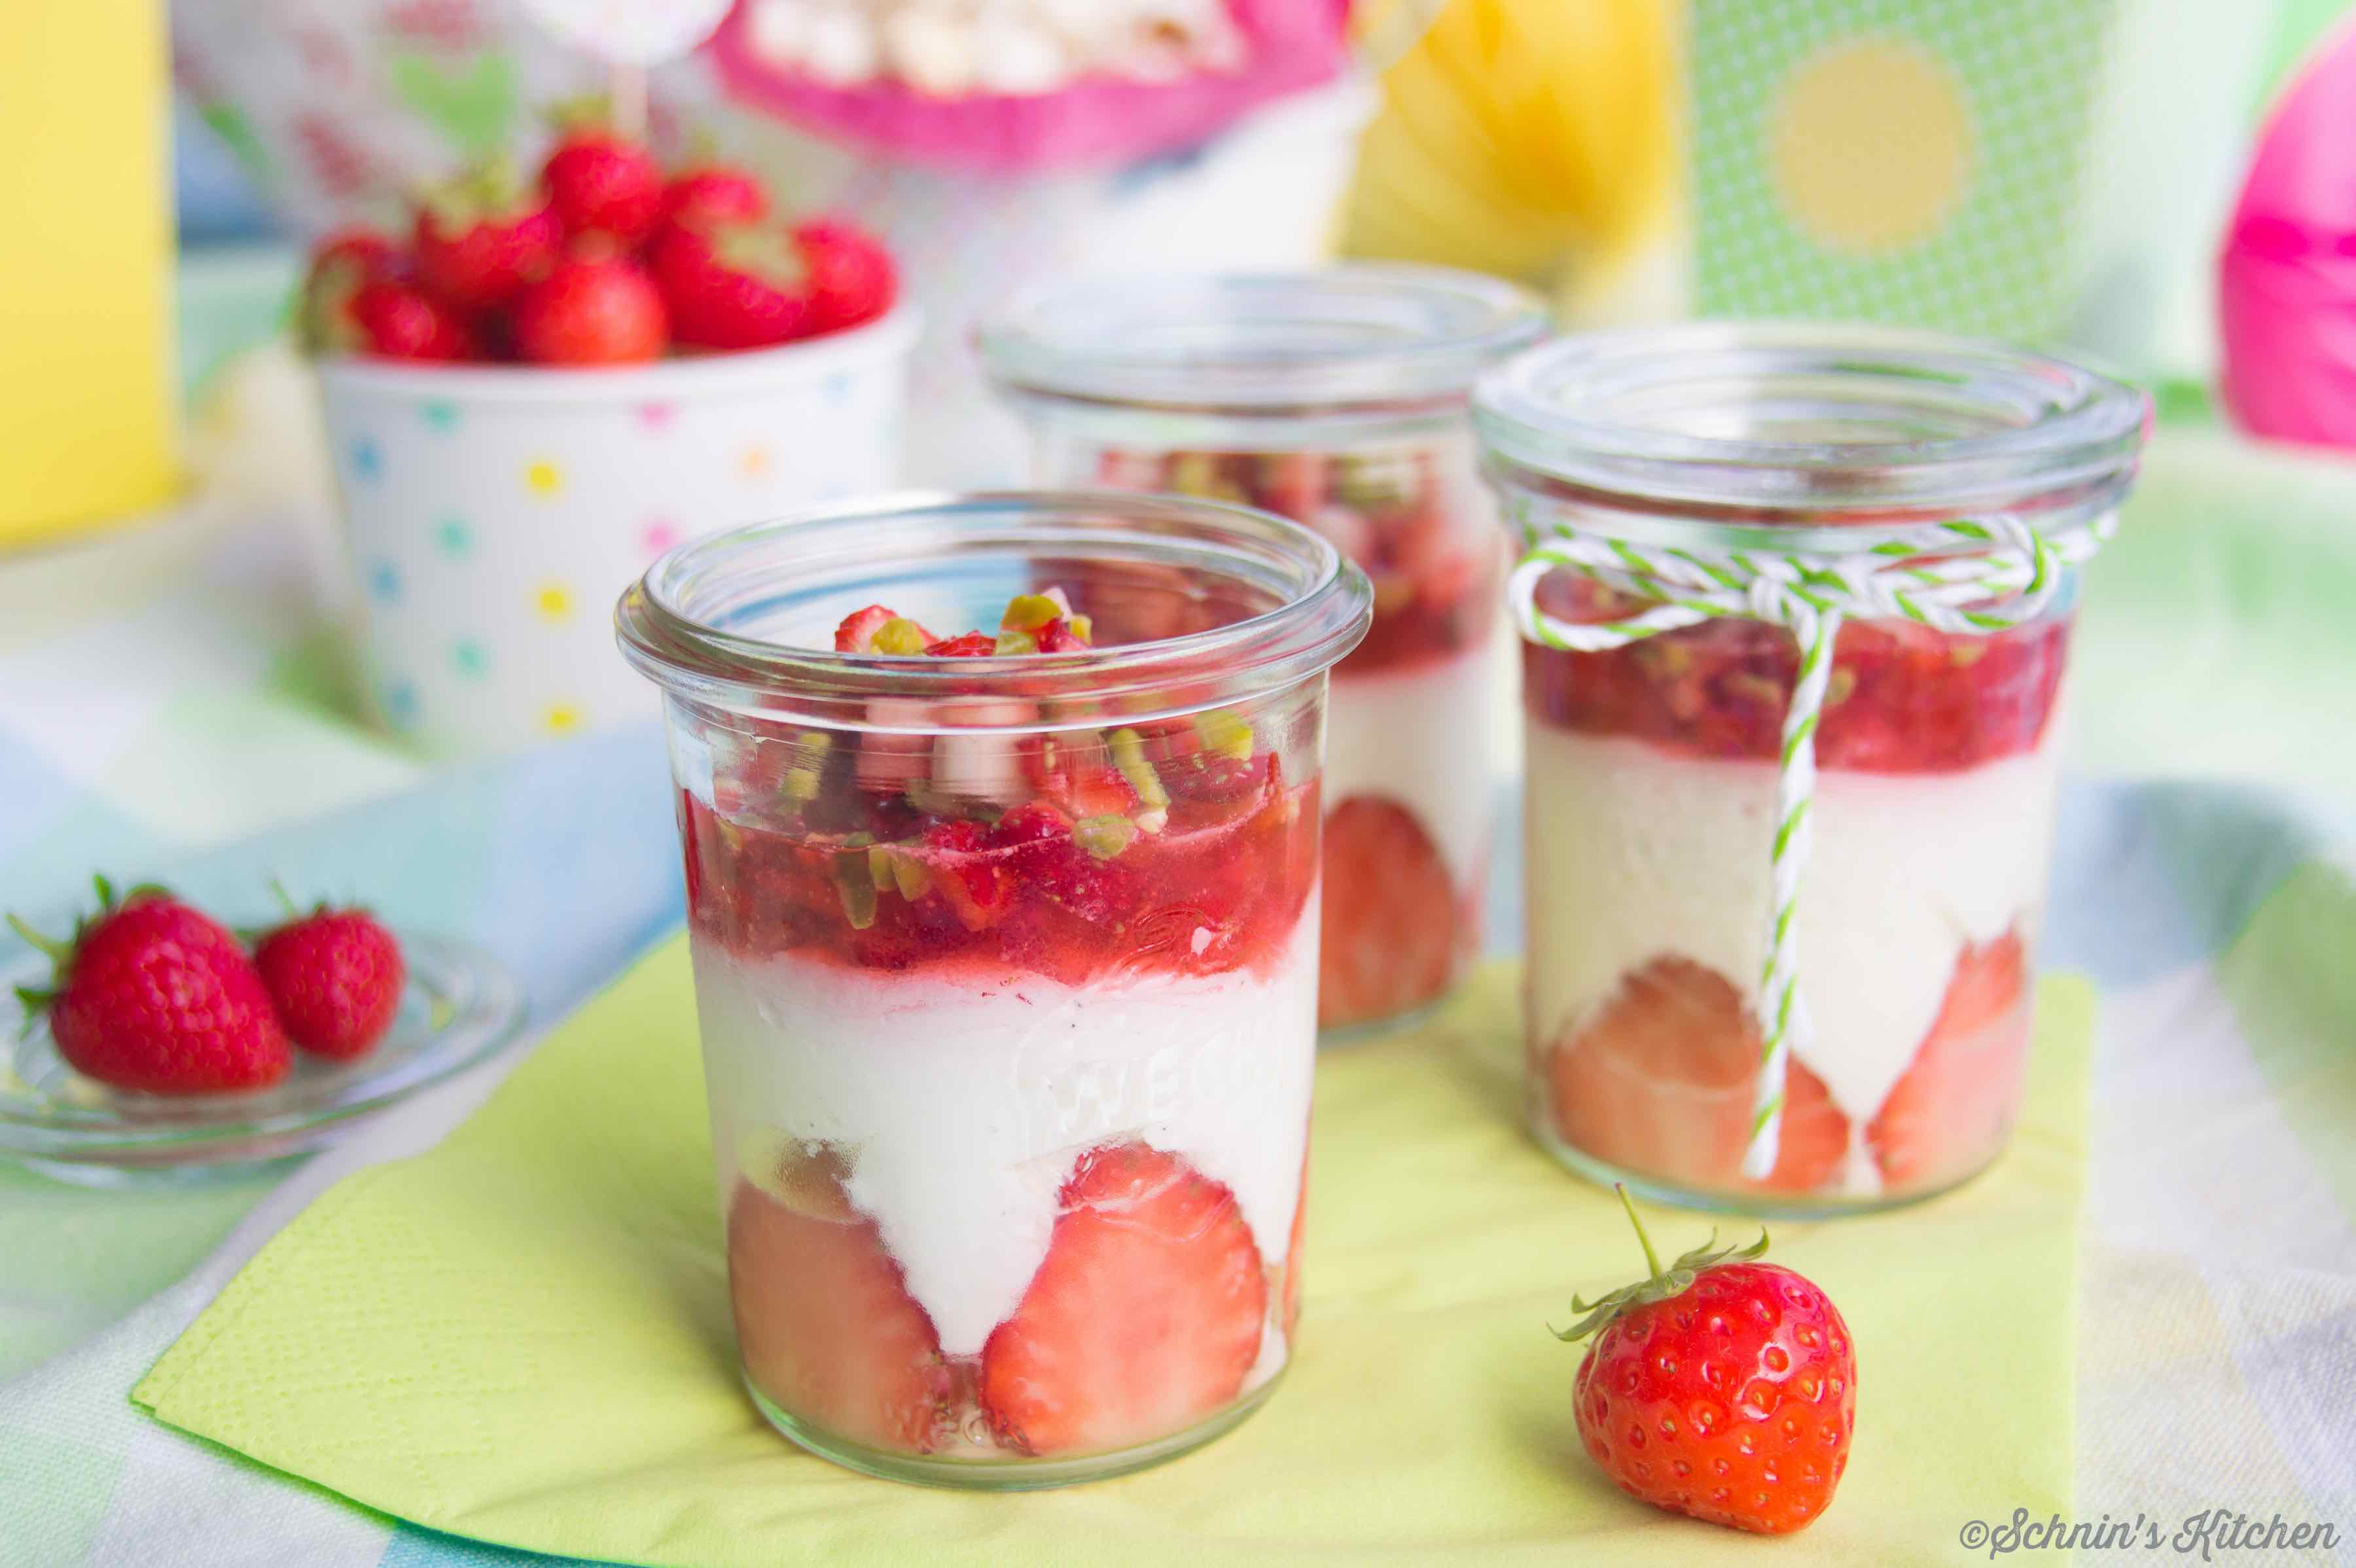 Schnin's Kitchen: Erdbeer-Mascarpone-Creme